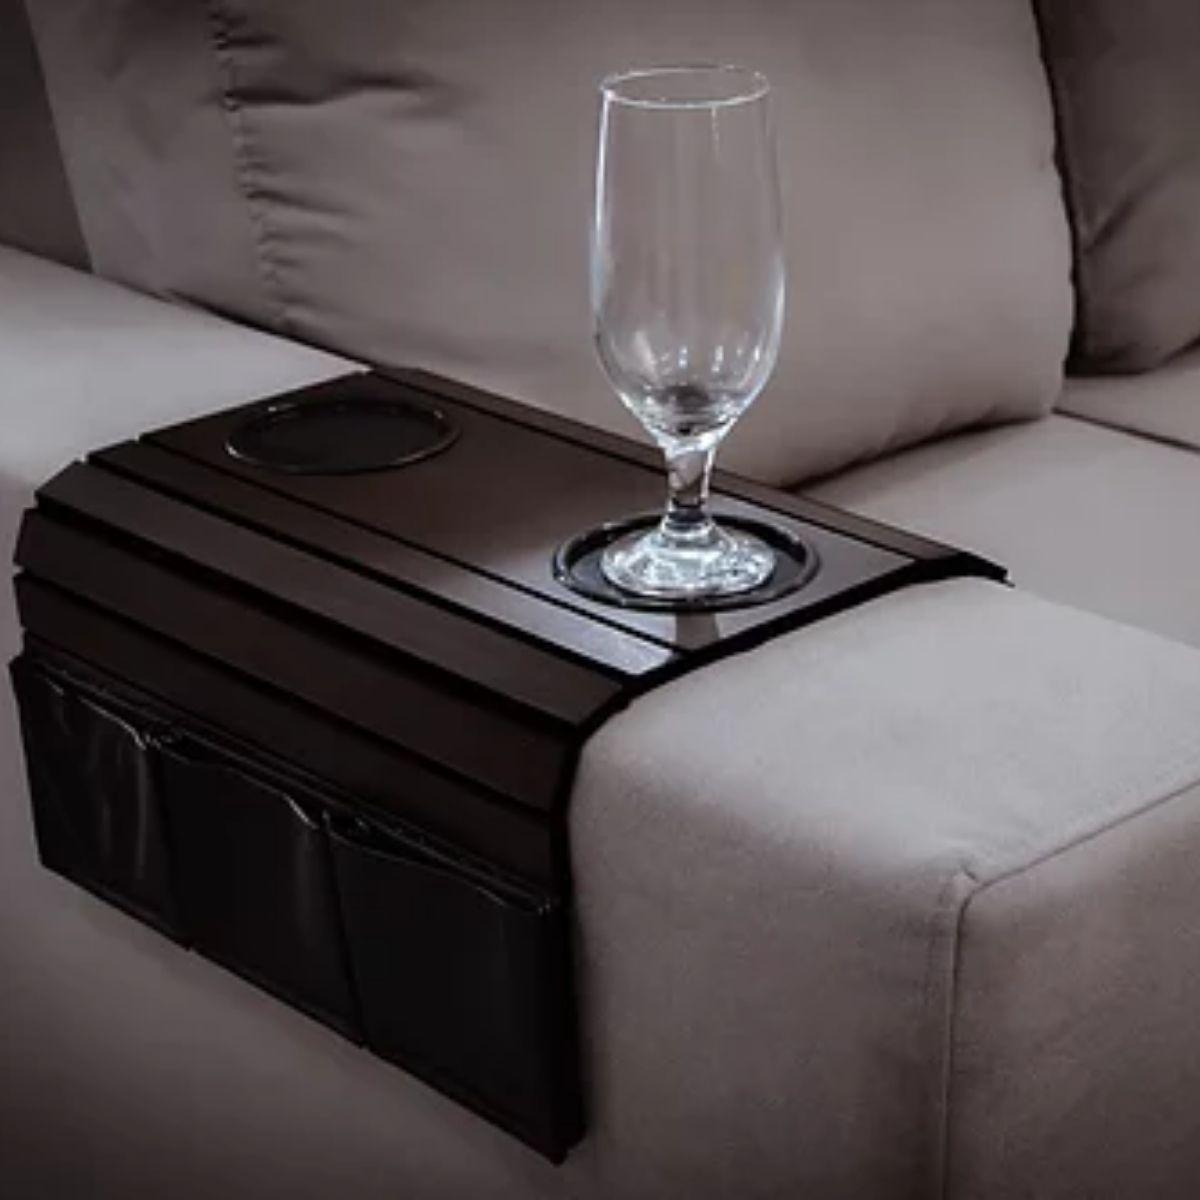 Porta copos para braço de sofá com suporte corino (Tabaco) 3mm